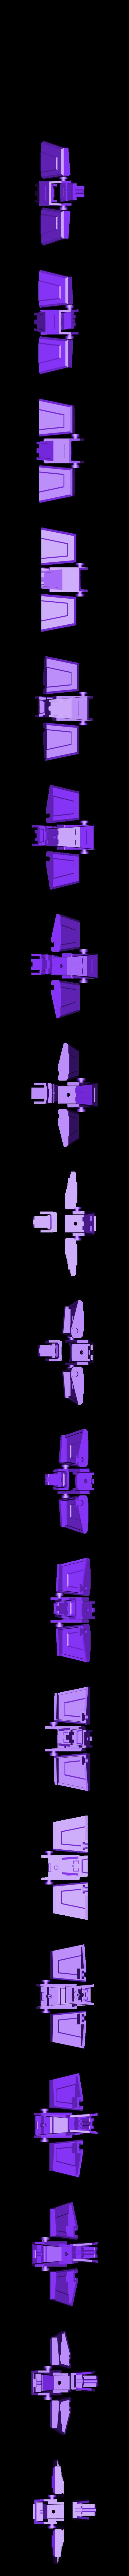 Waistsuperion1.stl Download STL file KO TFC Uranos Upgrade Kit IDW Ver • 3D printer object, Toymakr3D